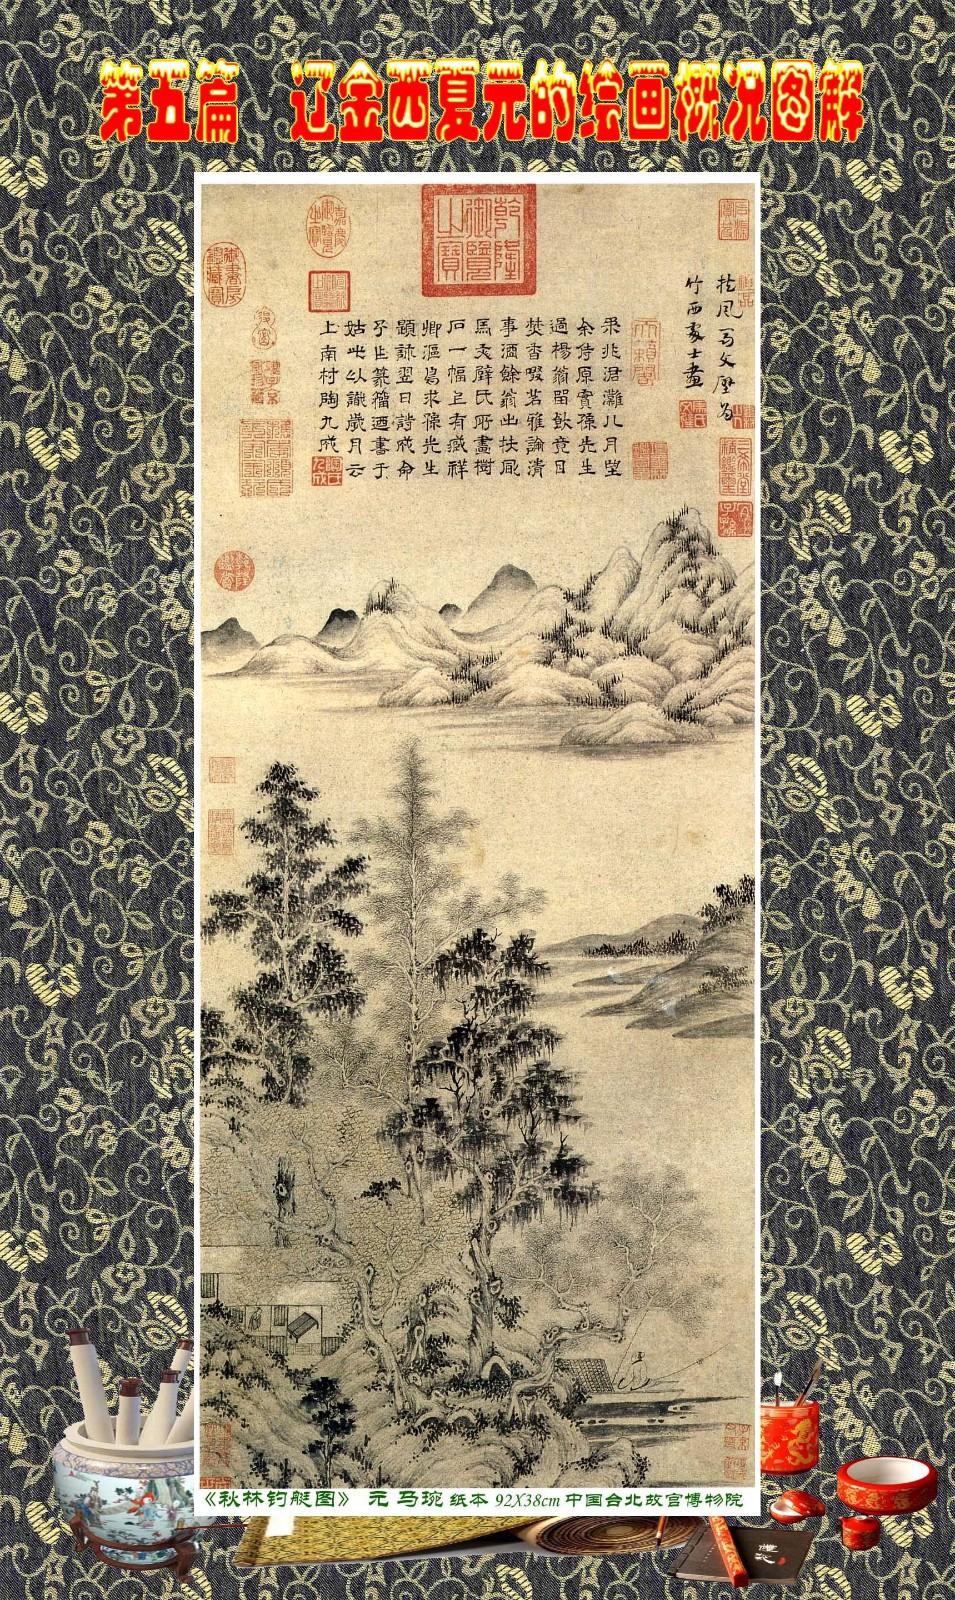 顾绍骅编辑 中国画知识普及版 第五篇 辽金西夏元的绘画概况 下 ... ..._图1-59